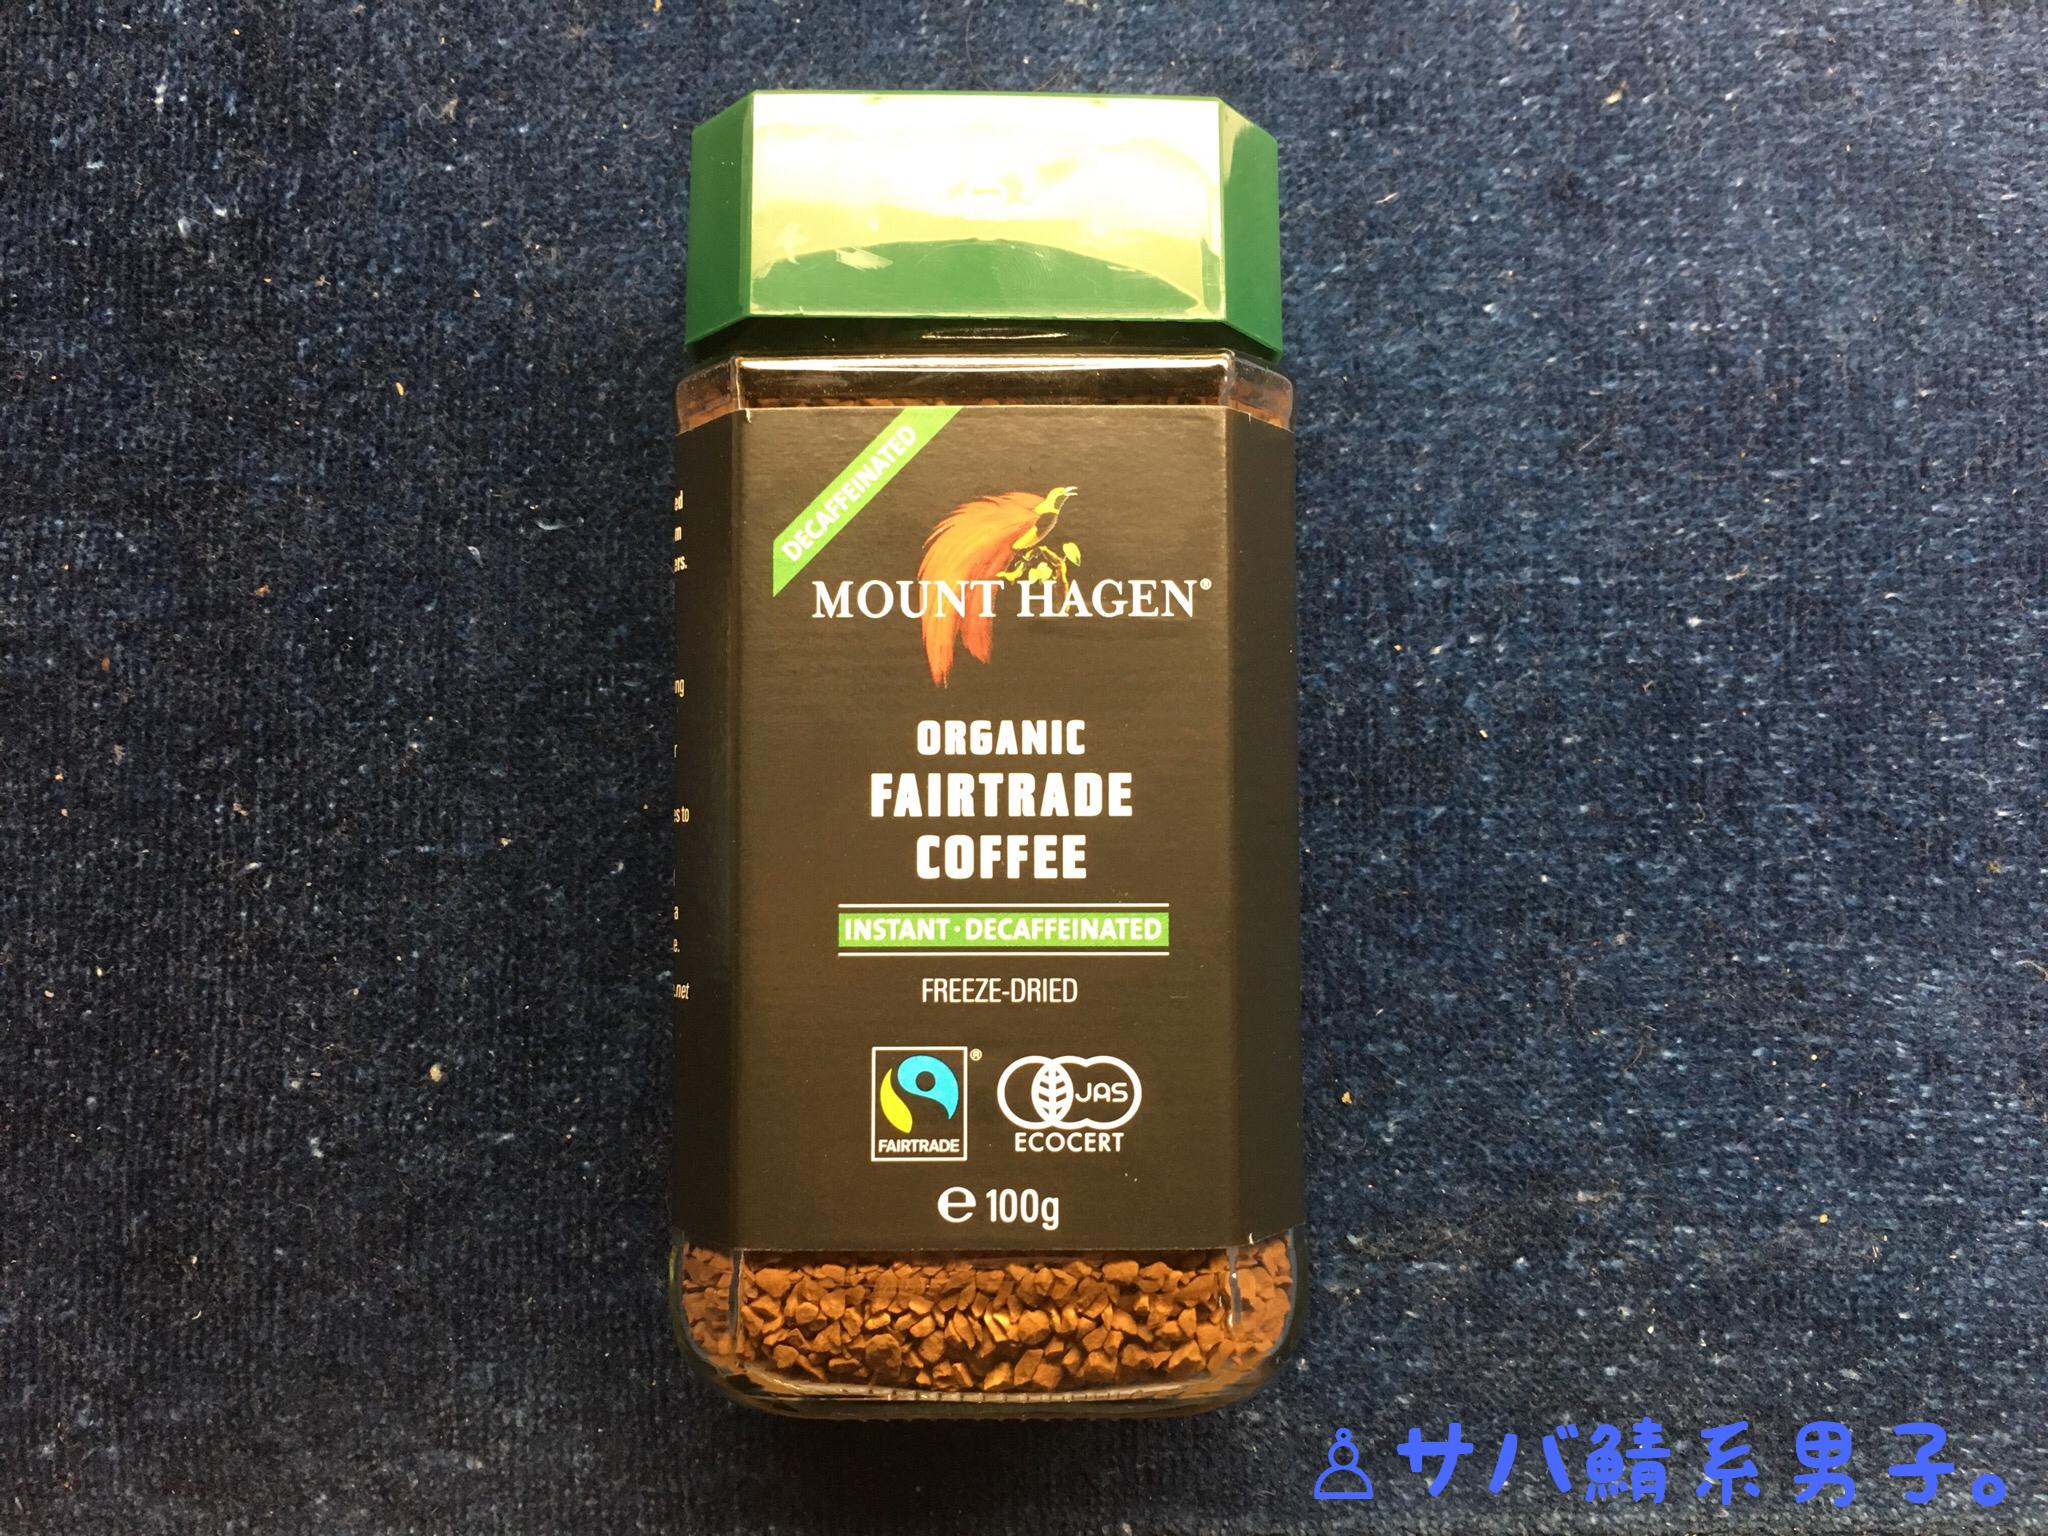 Mount Hagen マウントハーゲン デカフェ コーヒー